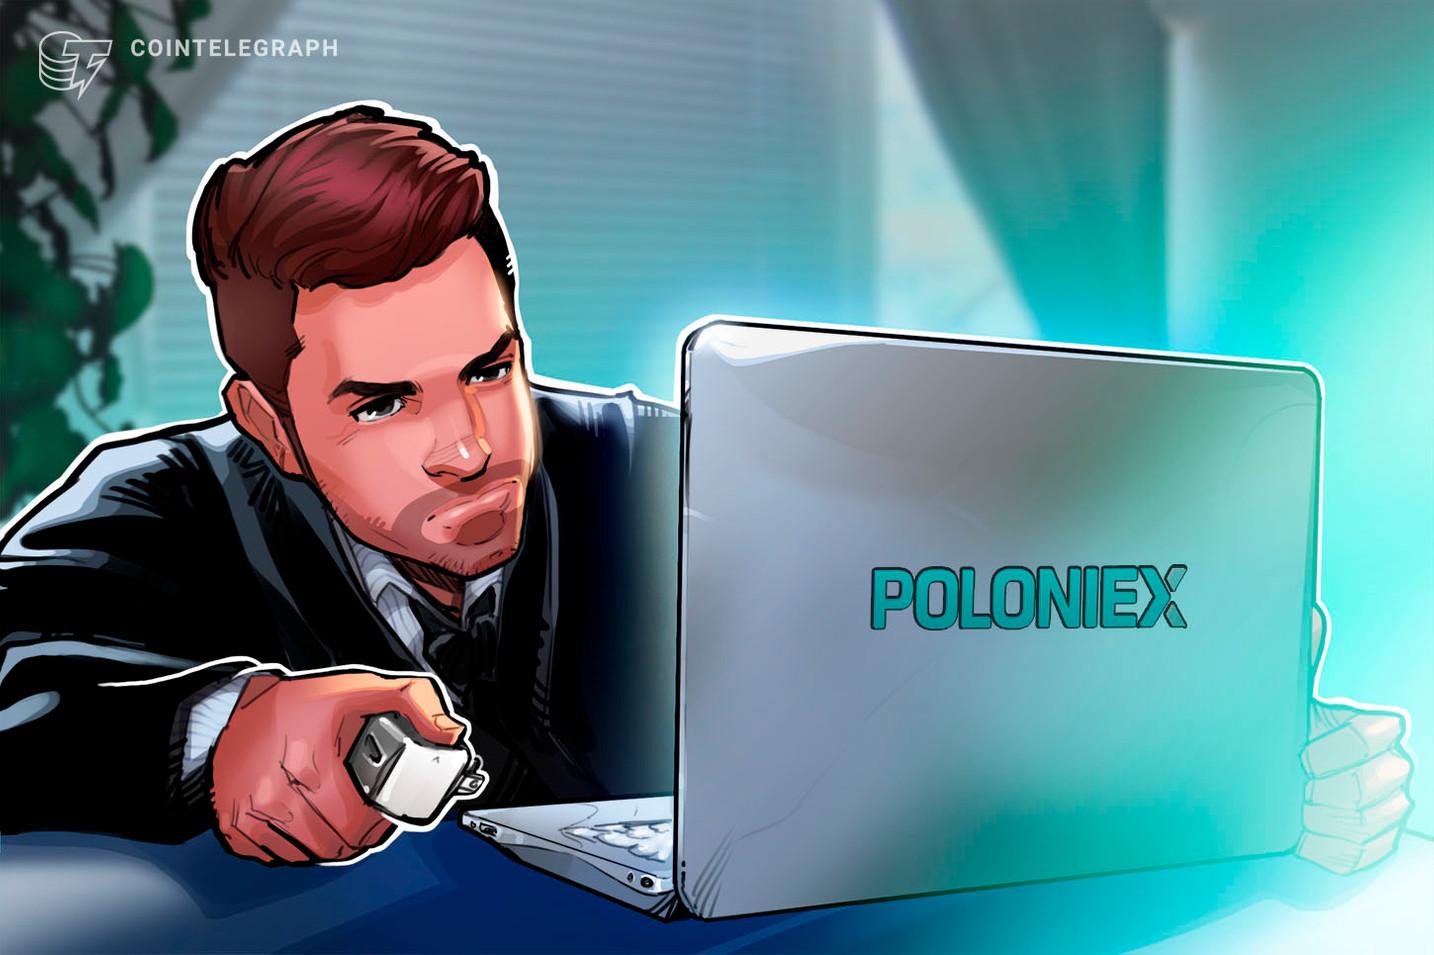 Kryptobörse Poloniex bietet Käufe mir Kreditkarte und Bankkonto an